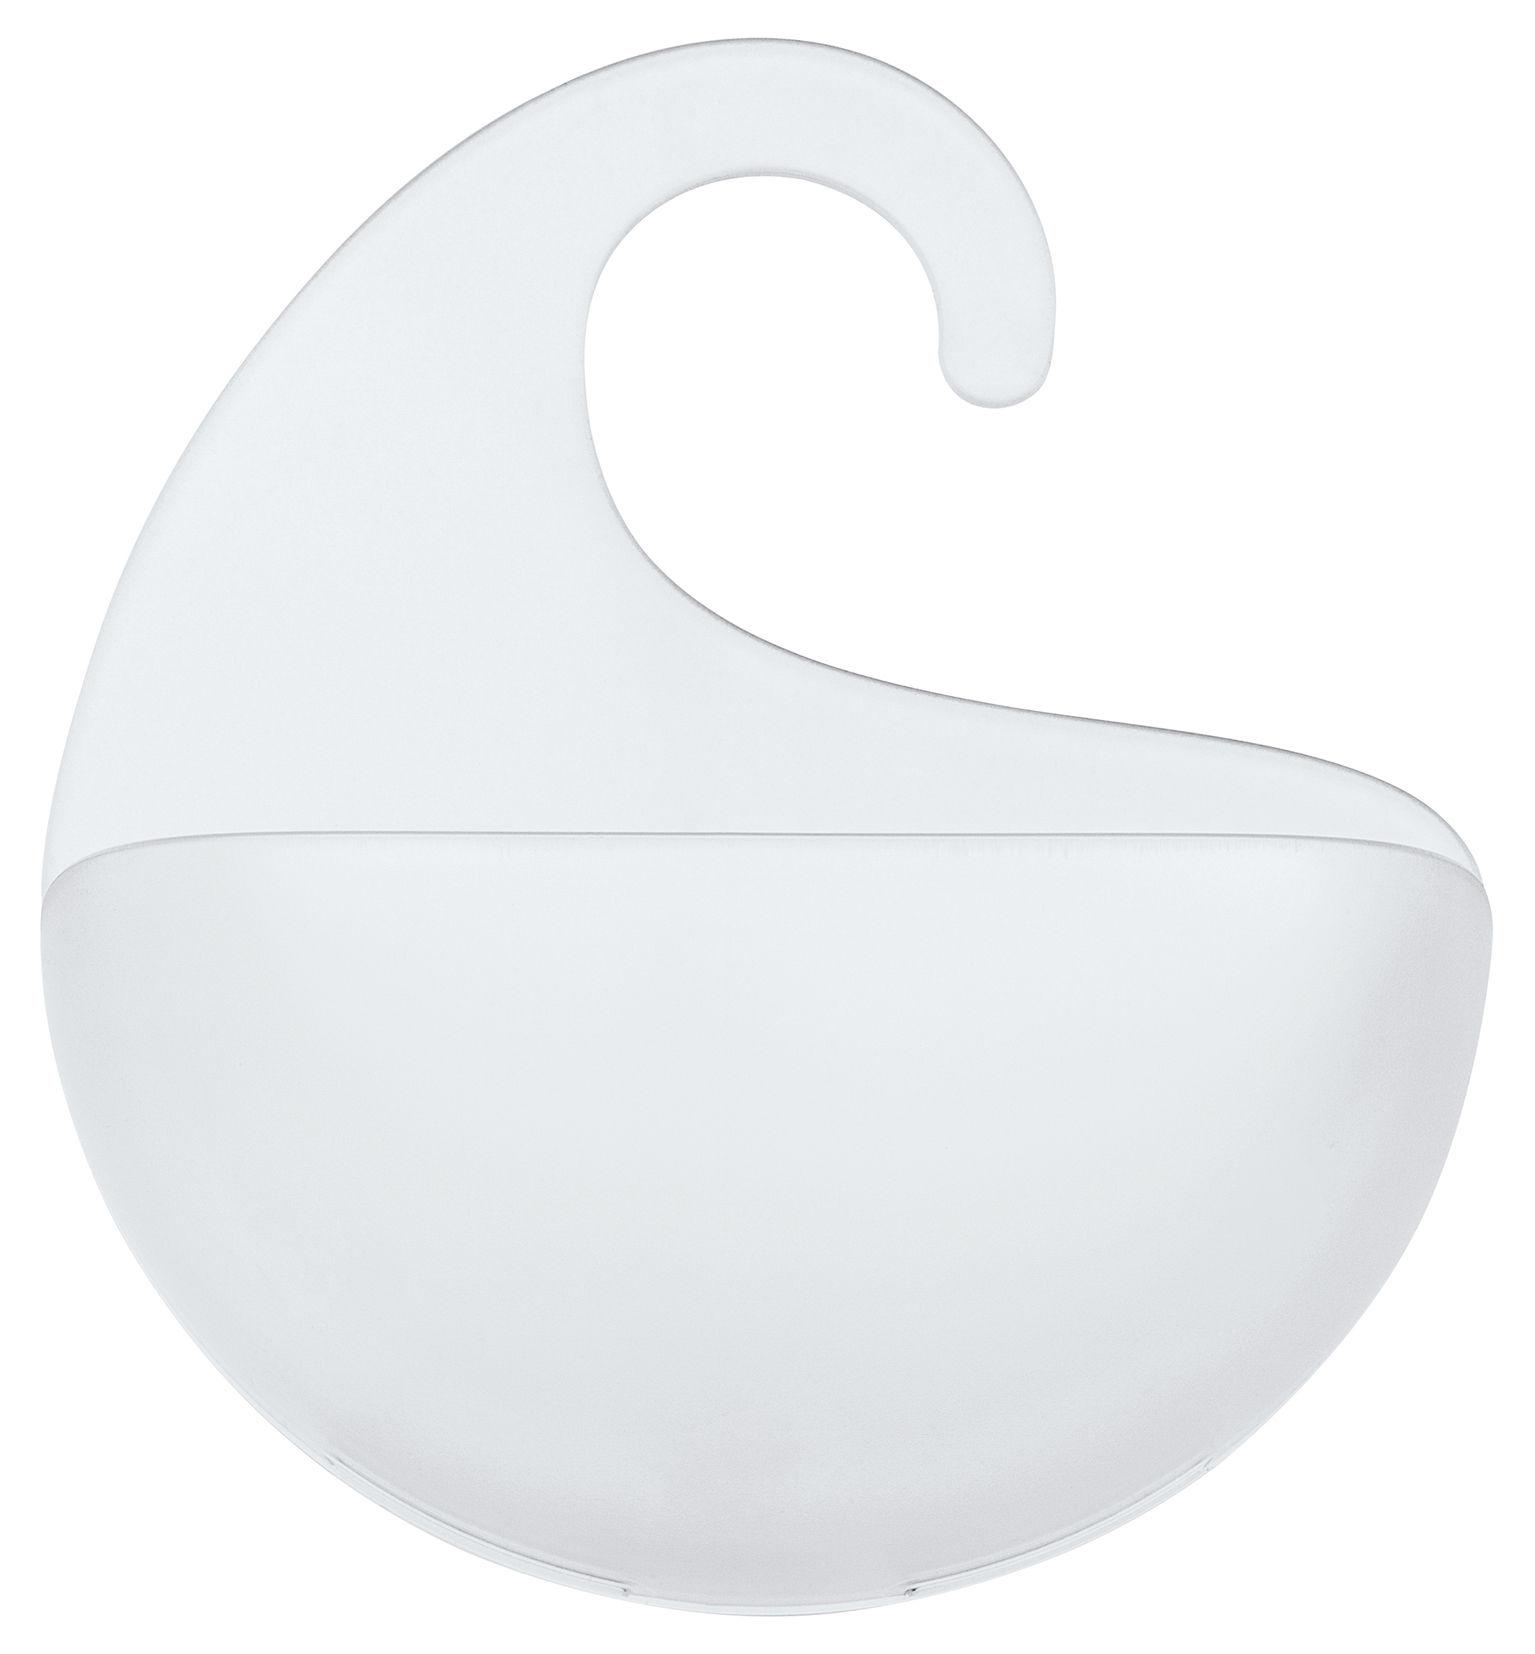 Accessoires - Accessoires salle de bains - Bac de rangement Surf XS / Á suspendre - H 17,6 cm - Koziol - Transparent - Styrolux®